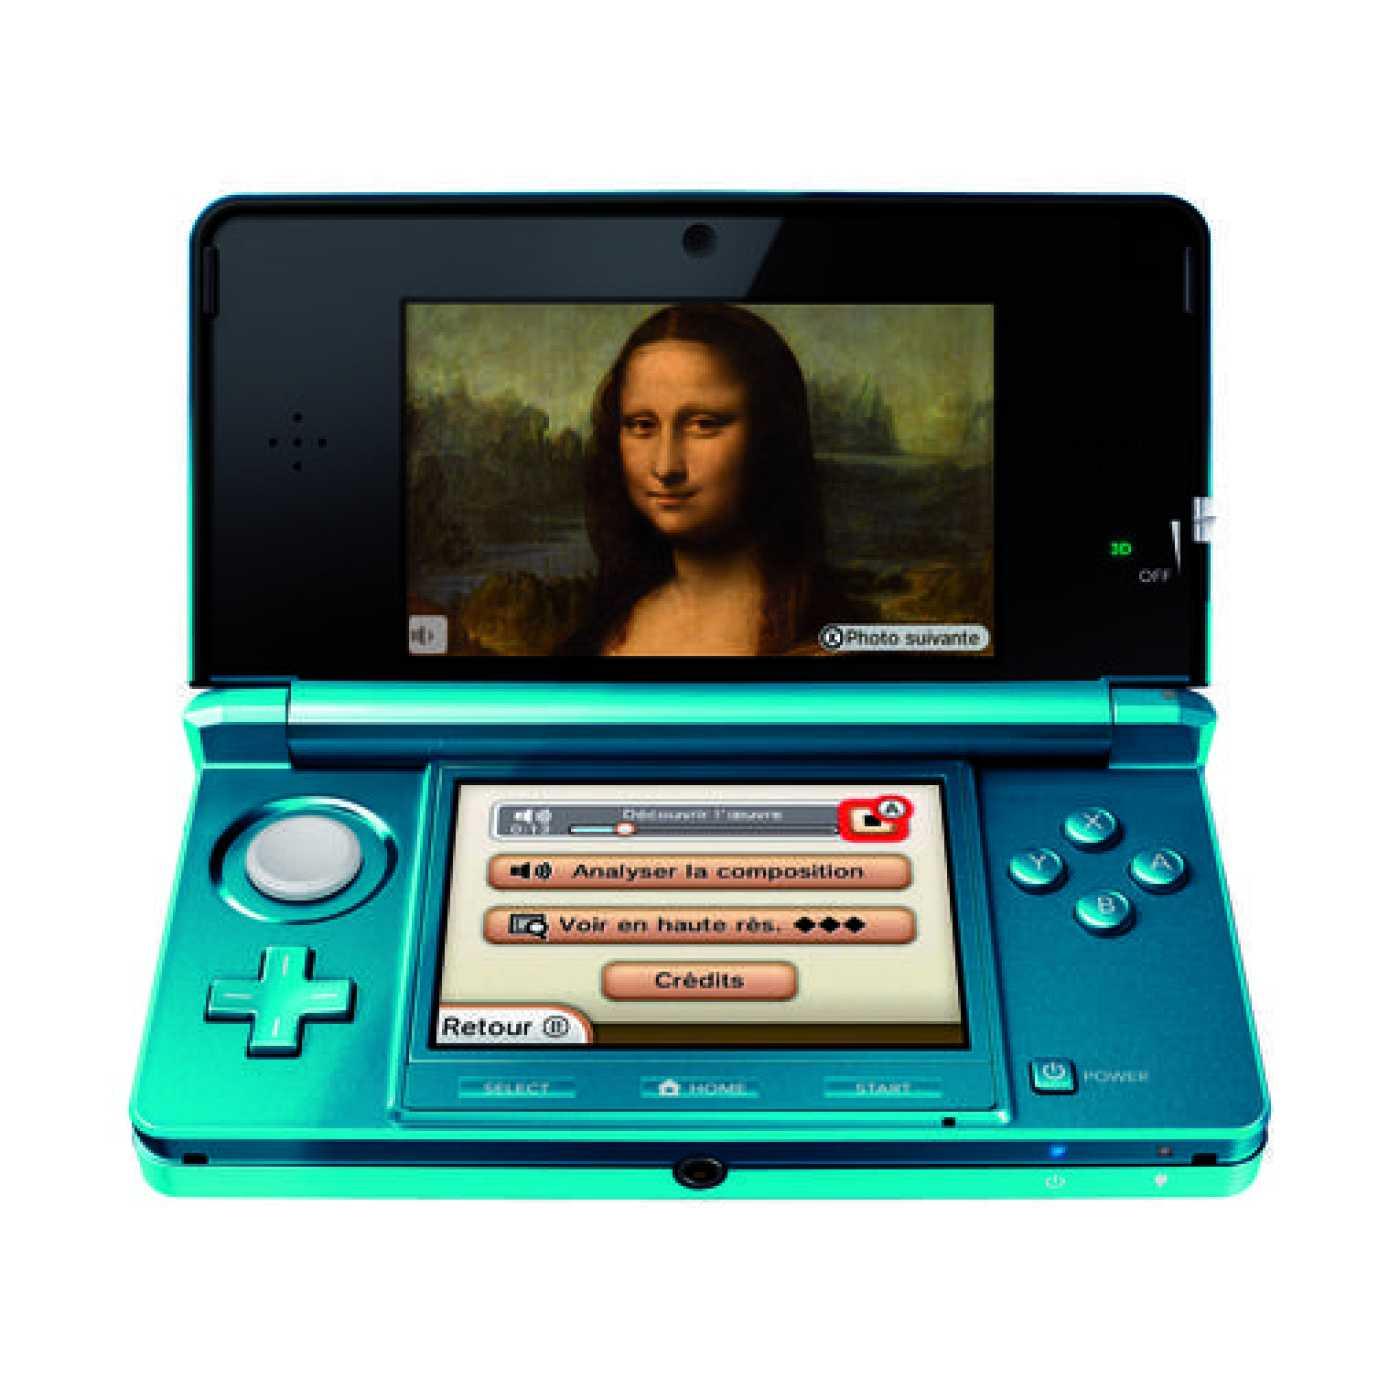 La portátil de la compañía japonesa se convertirá en la única audioguía disponible en el museo a partir del 11 de abril.